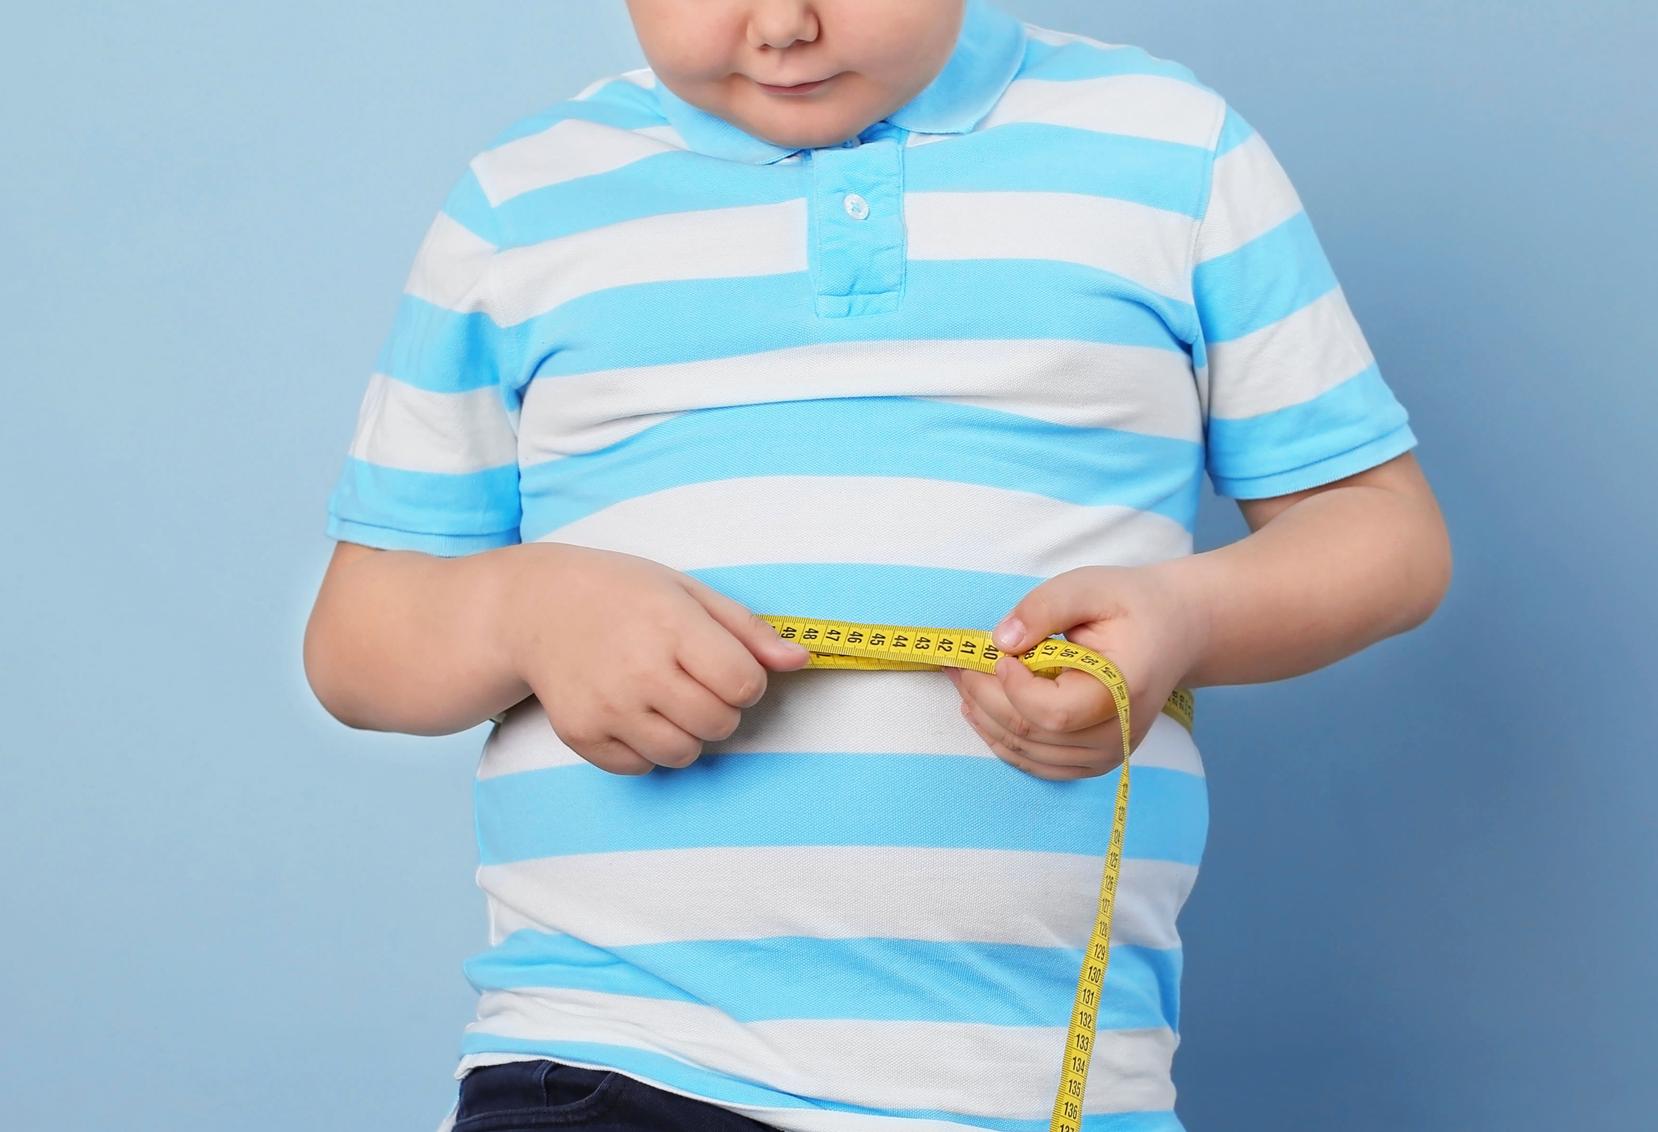 Entenda Os Problemas Que Podem Ser Causados Pela Obesidade Infantil